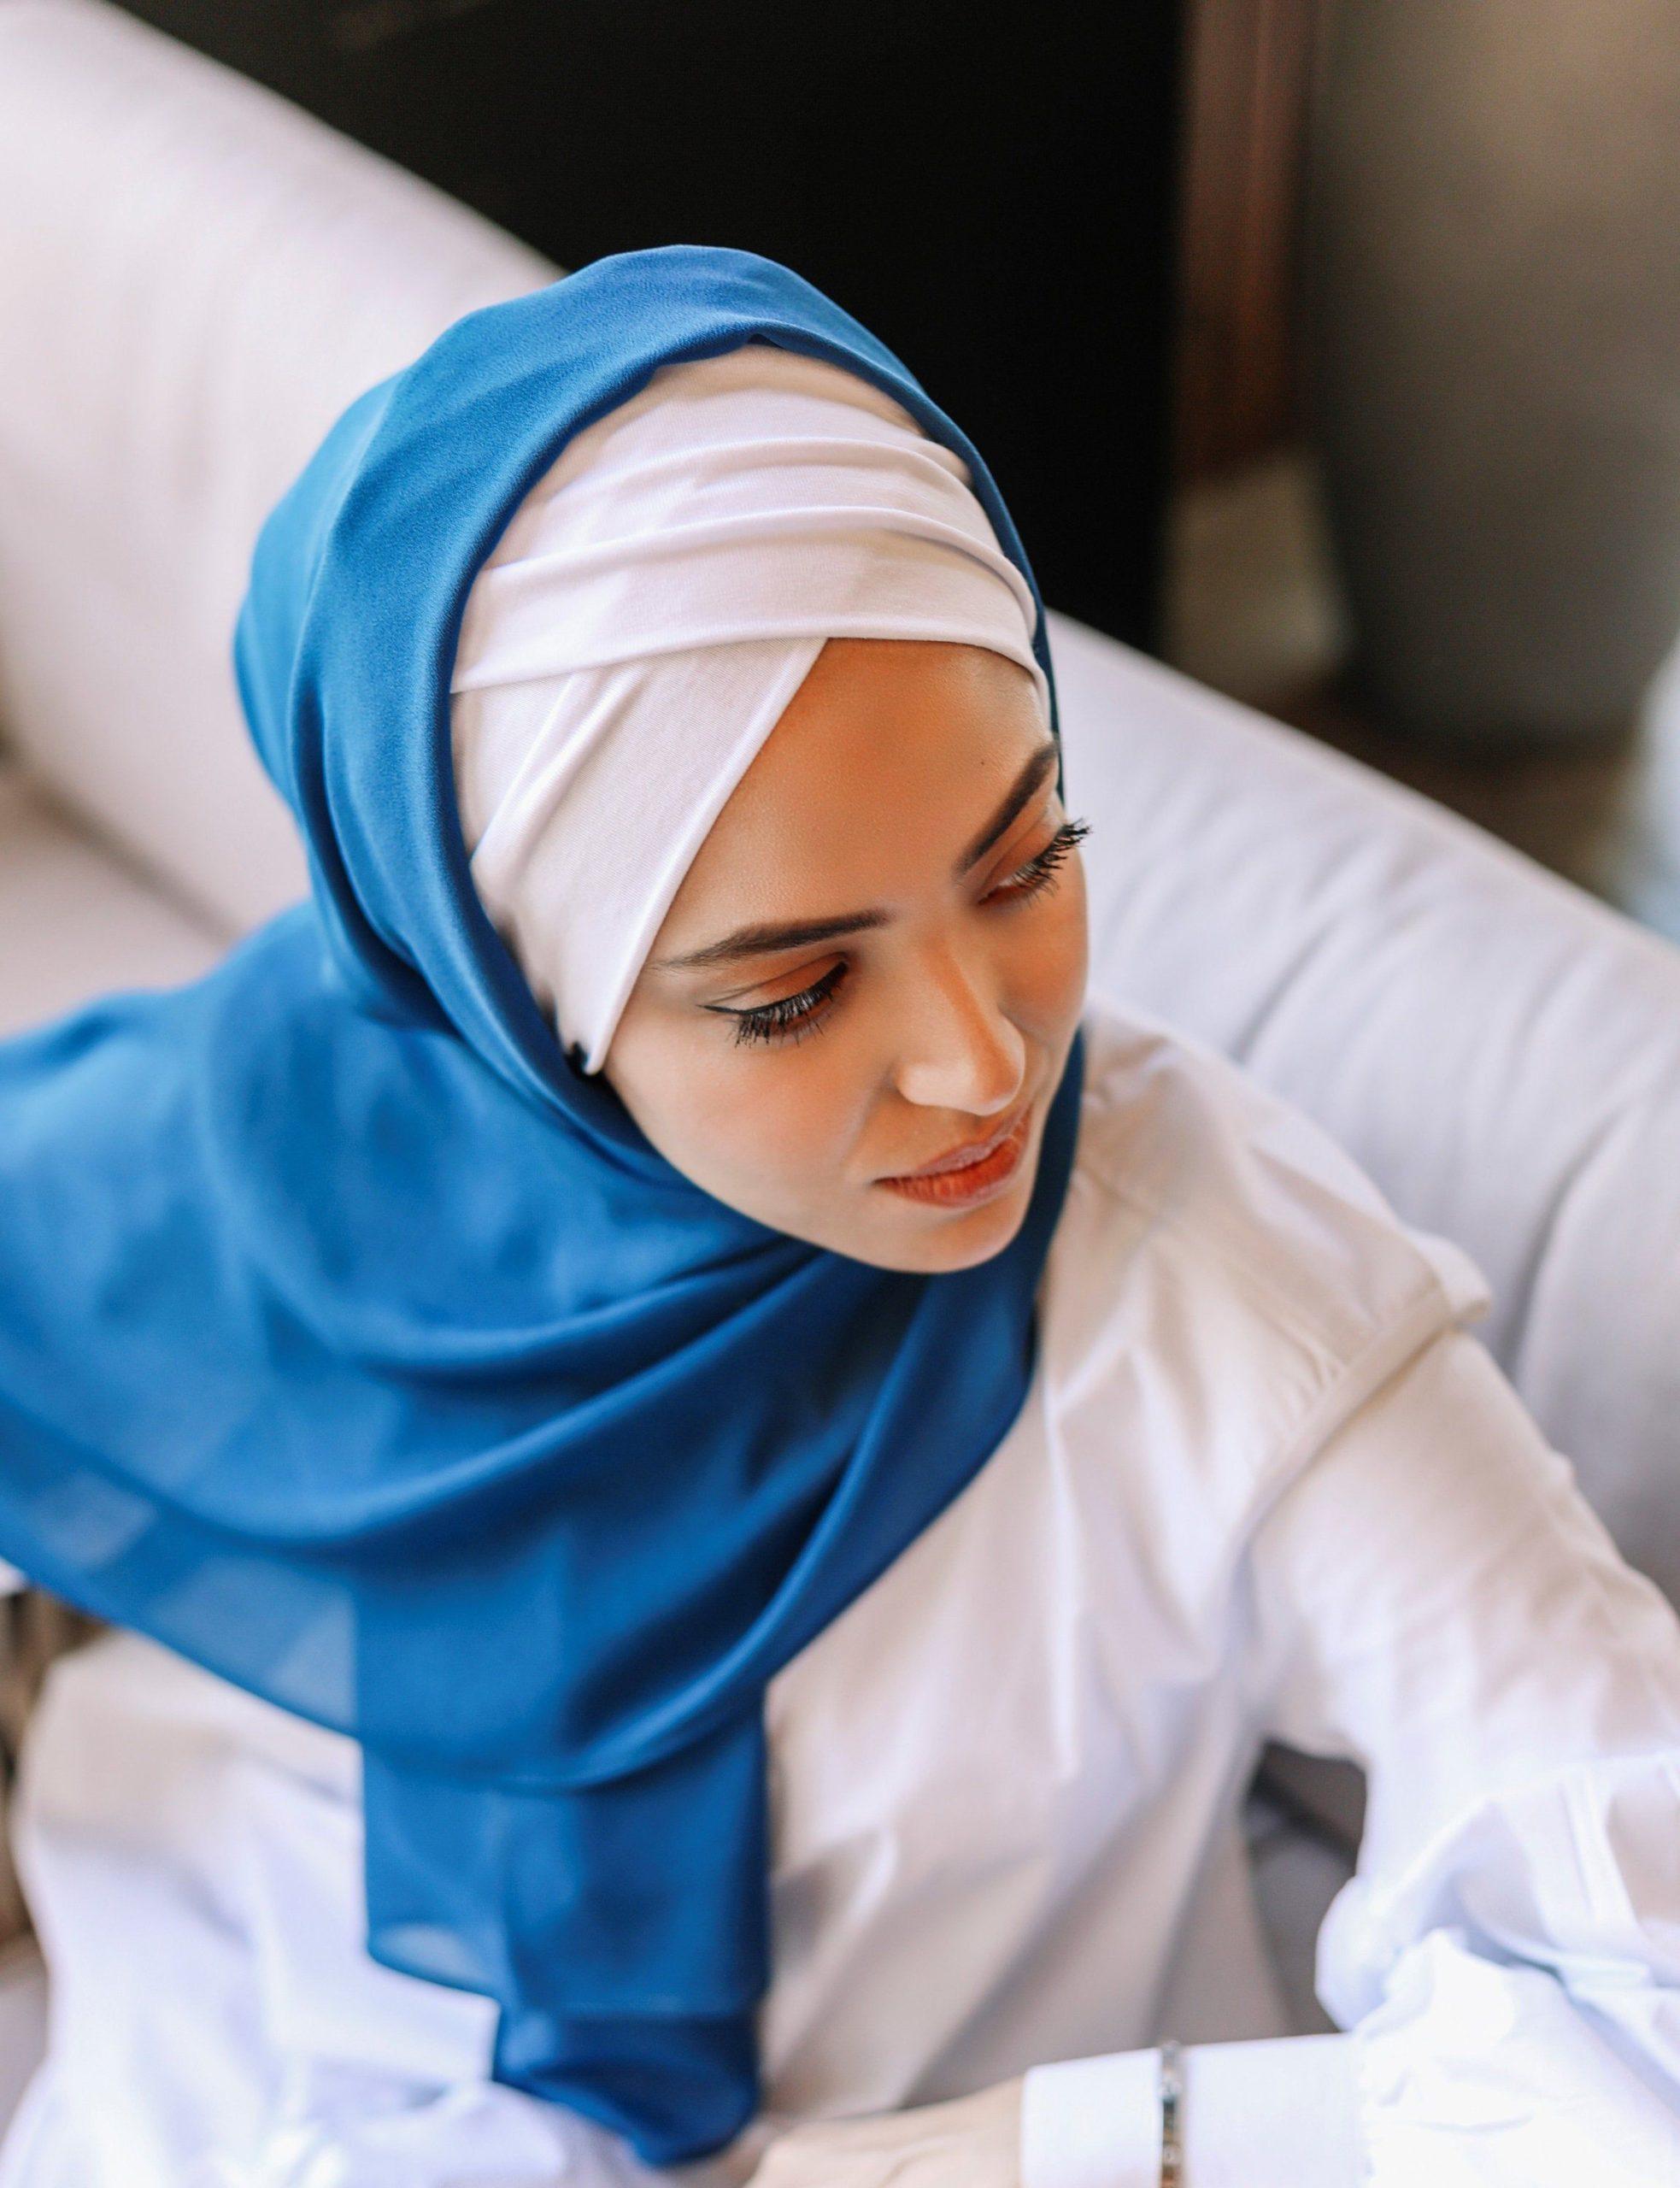 حجابات صيف 2021 باندانا قطنية بيضاء حجاب أزرق نيلي موضة 2021